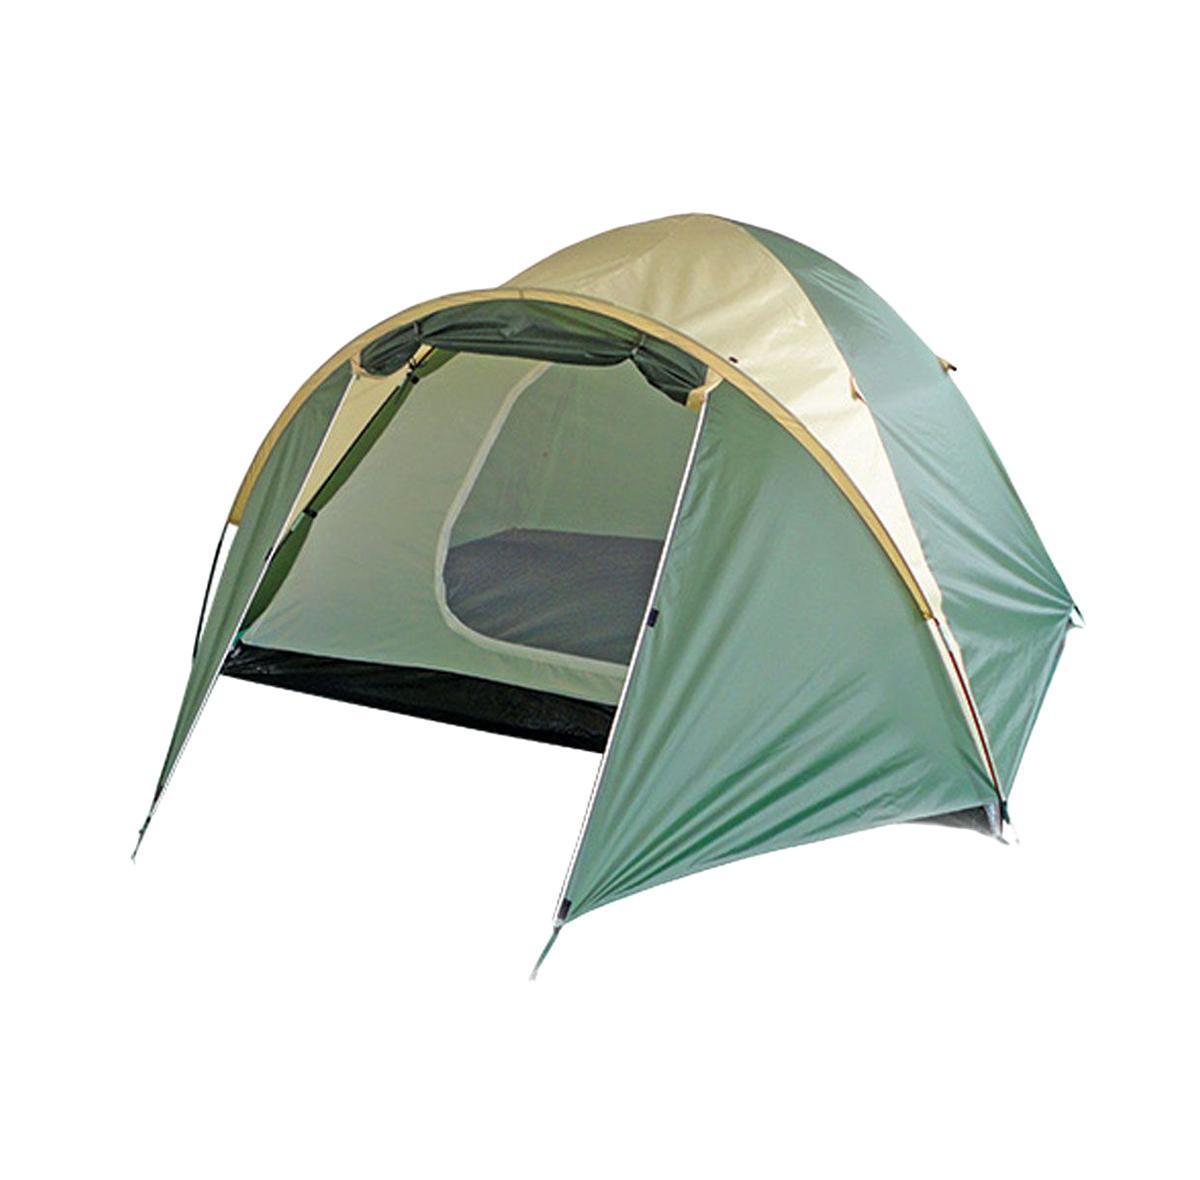 Палатка Happy Camper PL-025-4PPL-025-4PЭта палатка сочетает в себе качества простой кемпинговой палатки, в которой можно разместиться всей семьей, и собирается так же легко, как треккинговые. В ней имеется тамбур для хранения вещей. Внутренняя дверь продублирована противомоскитной сеткой, а благодаря внутренним карманам все необходимые вещи всегда будут под рукой. Особенности: Проклеенные швы; Внутренний тент может устанавливаться отдельно; Два окна из дышащего полиэстера. Характеристики: Размер палатки в разложенном виде (ДхШхВ): 350 см х 210 см х 140 см. Наружный тент: 190T полиэстер с полиуретановым покрытием. Внутренняя палатка: дышащий полиэстер. Дно: 110G полиэтилен. Каркас: дуги из фибергласа диаметром 8,5 мм. Вес: 3500 г. Размер в сложенном виде: 61 см х 13 см х 13 см. Рекомендуем!